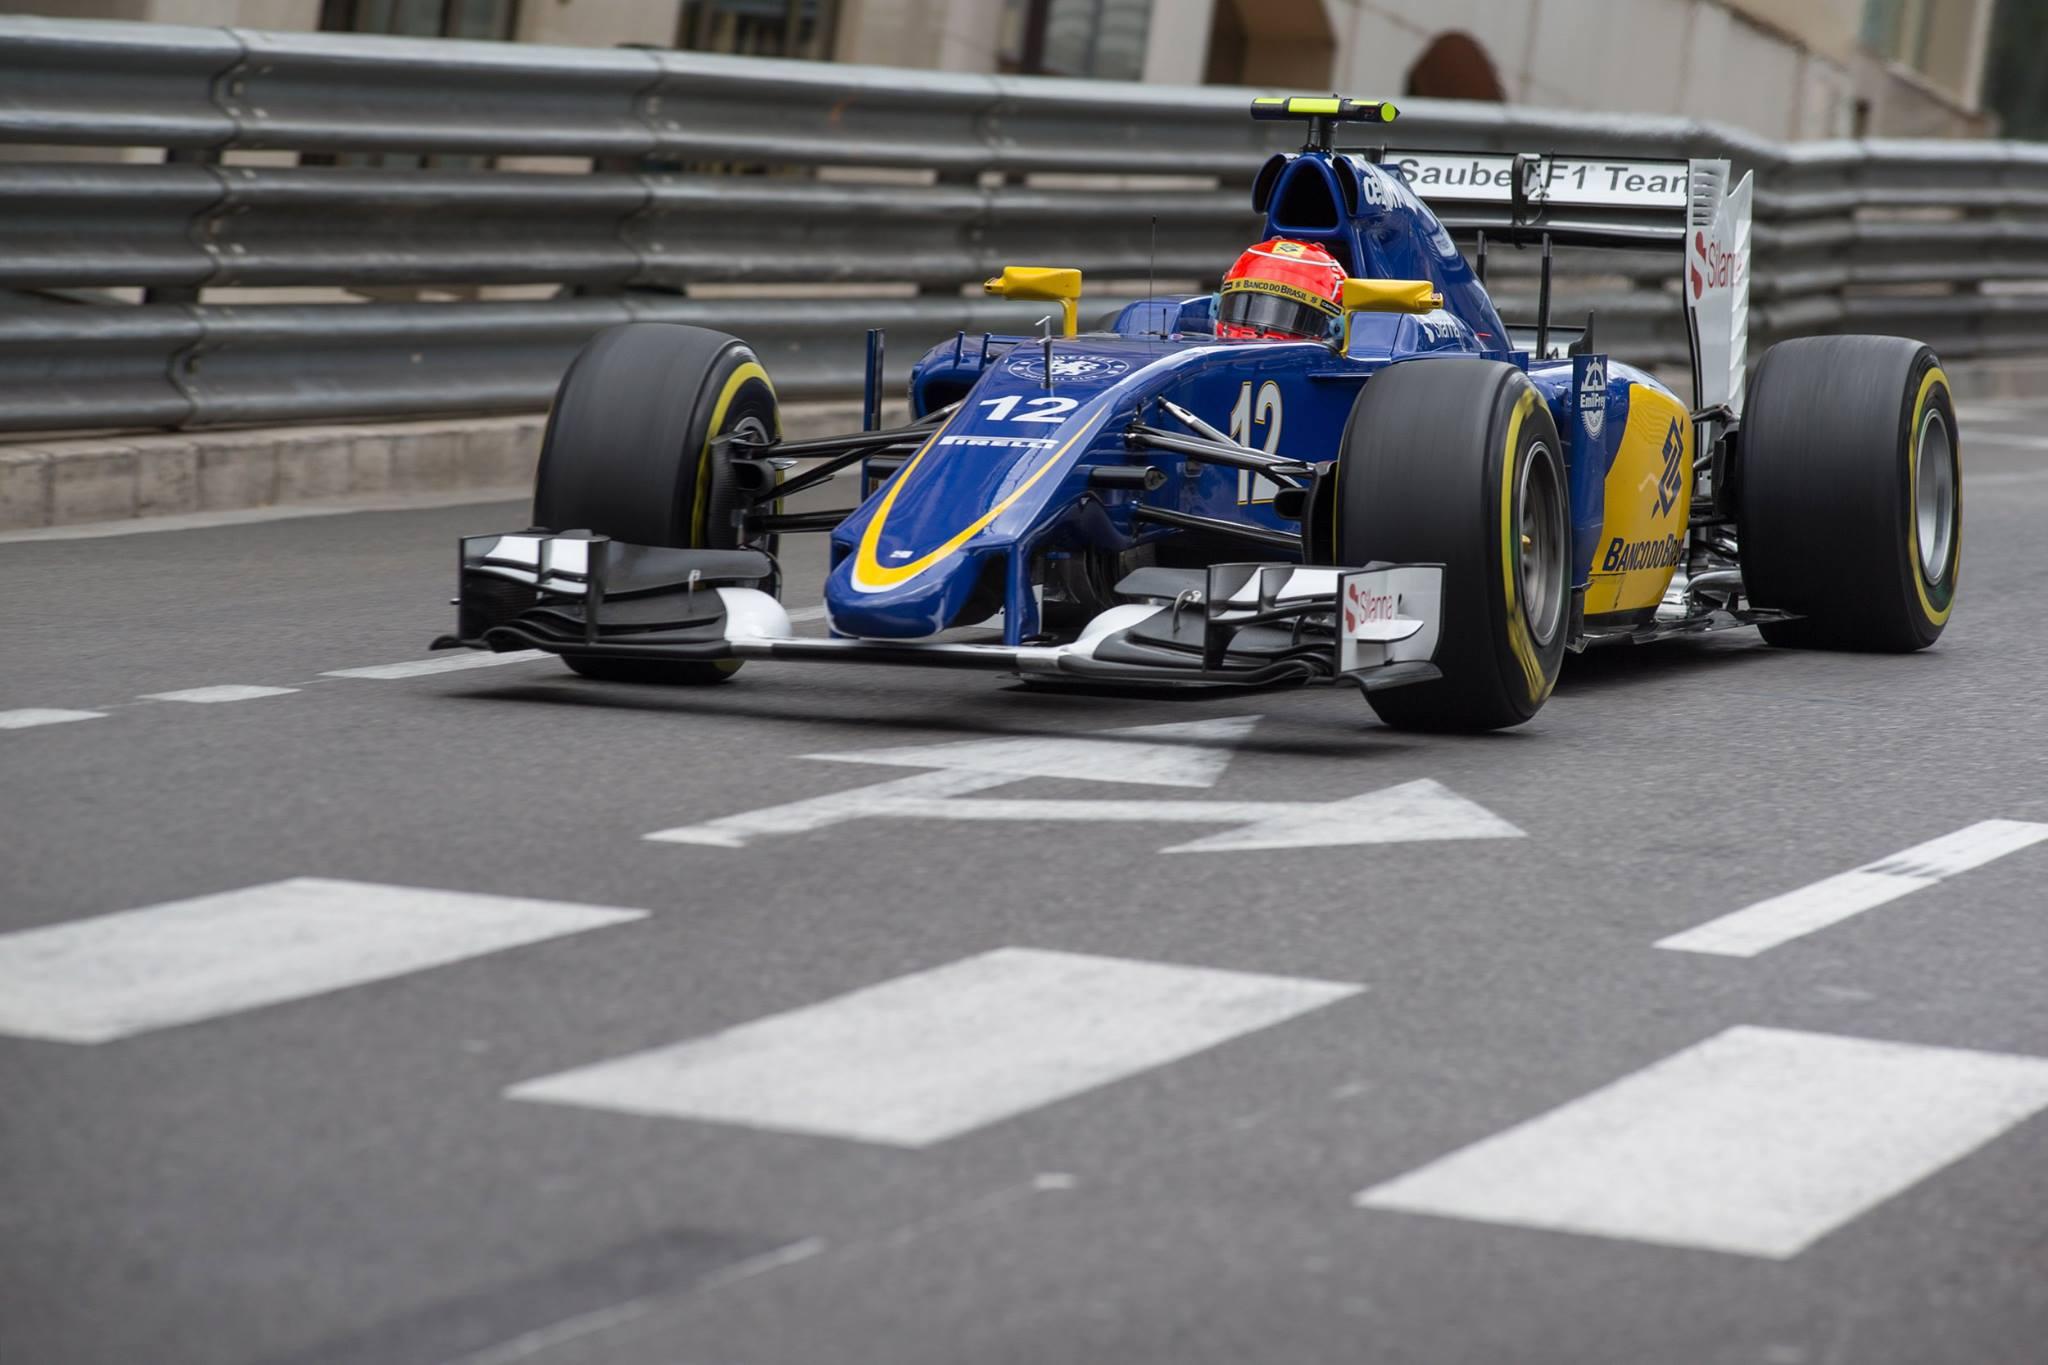 Nasr conseguiu levar a Sauber a 9ªposição num final de semana difícil.